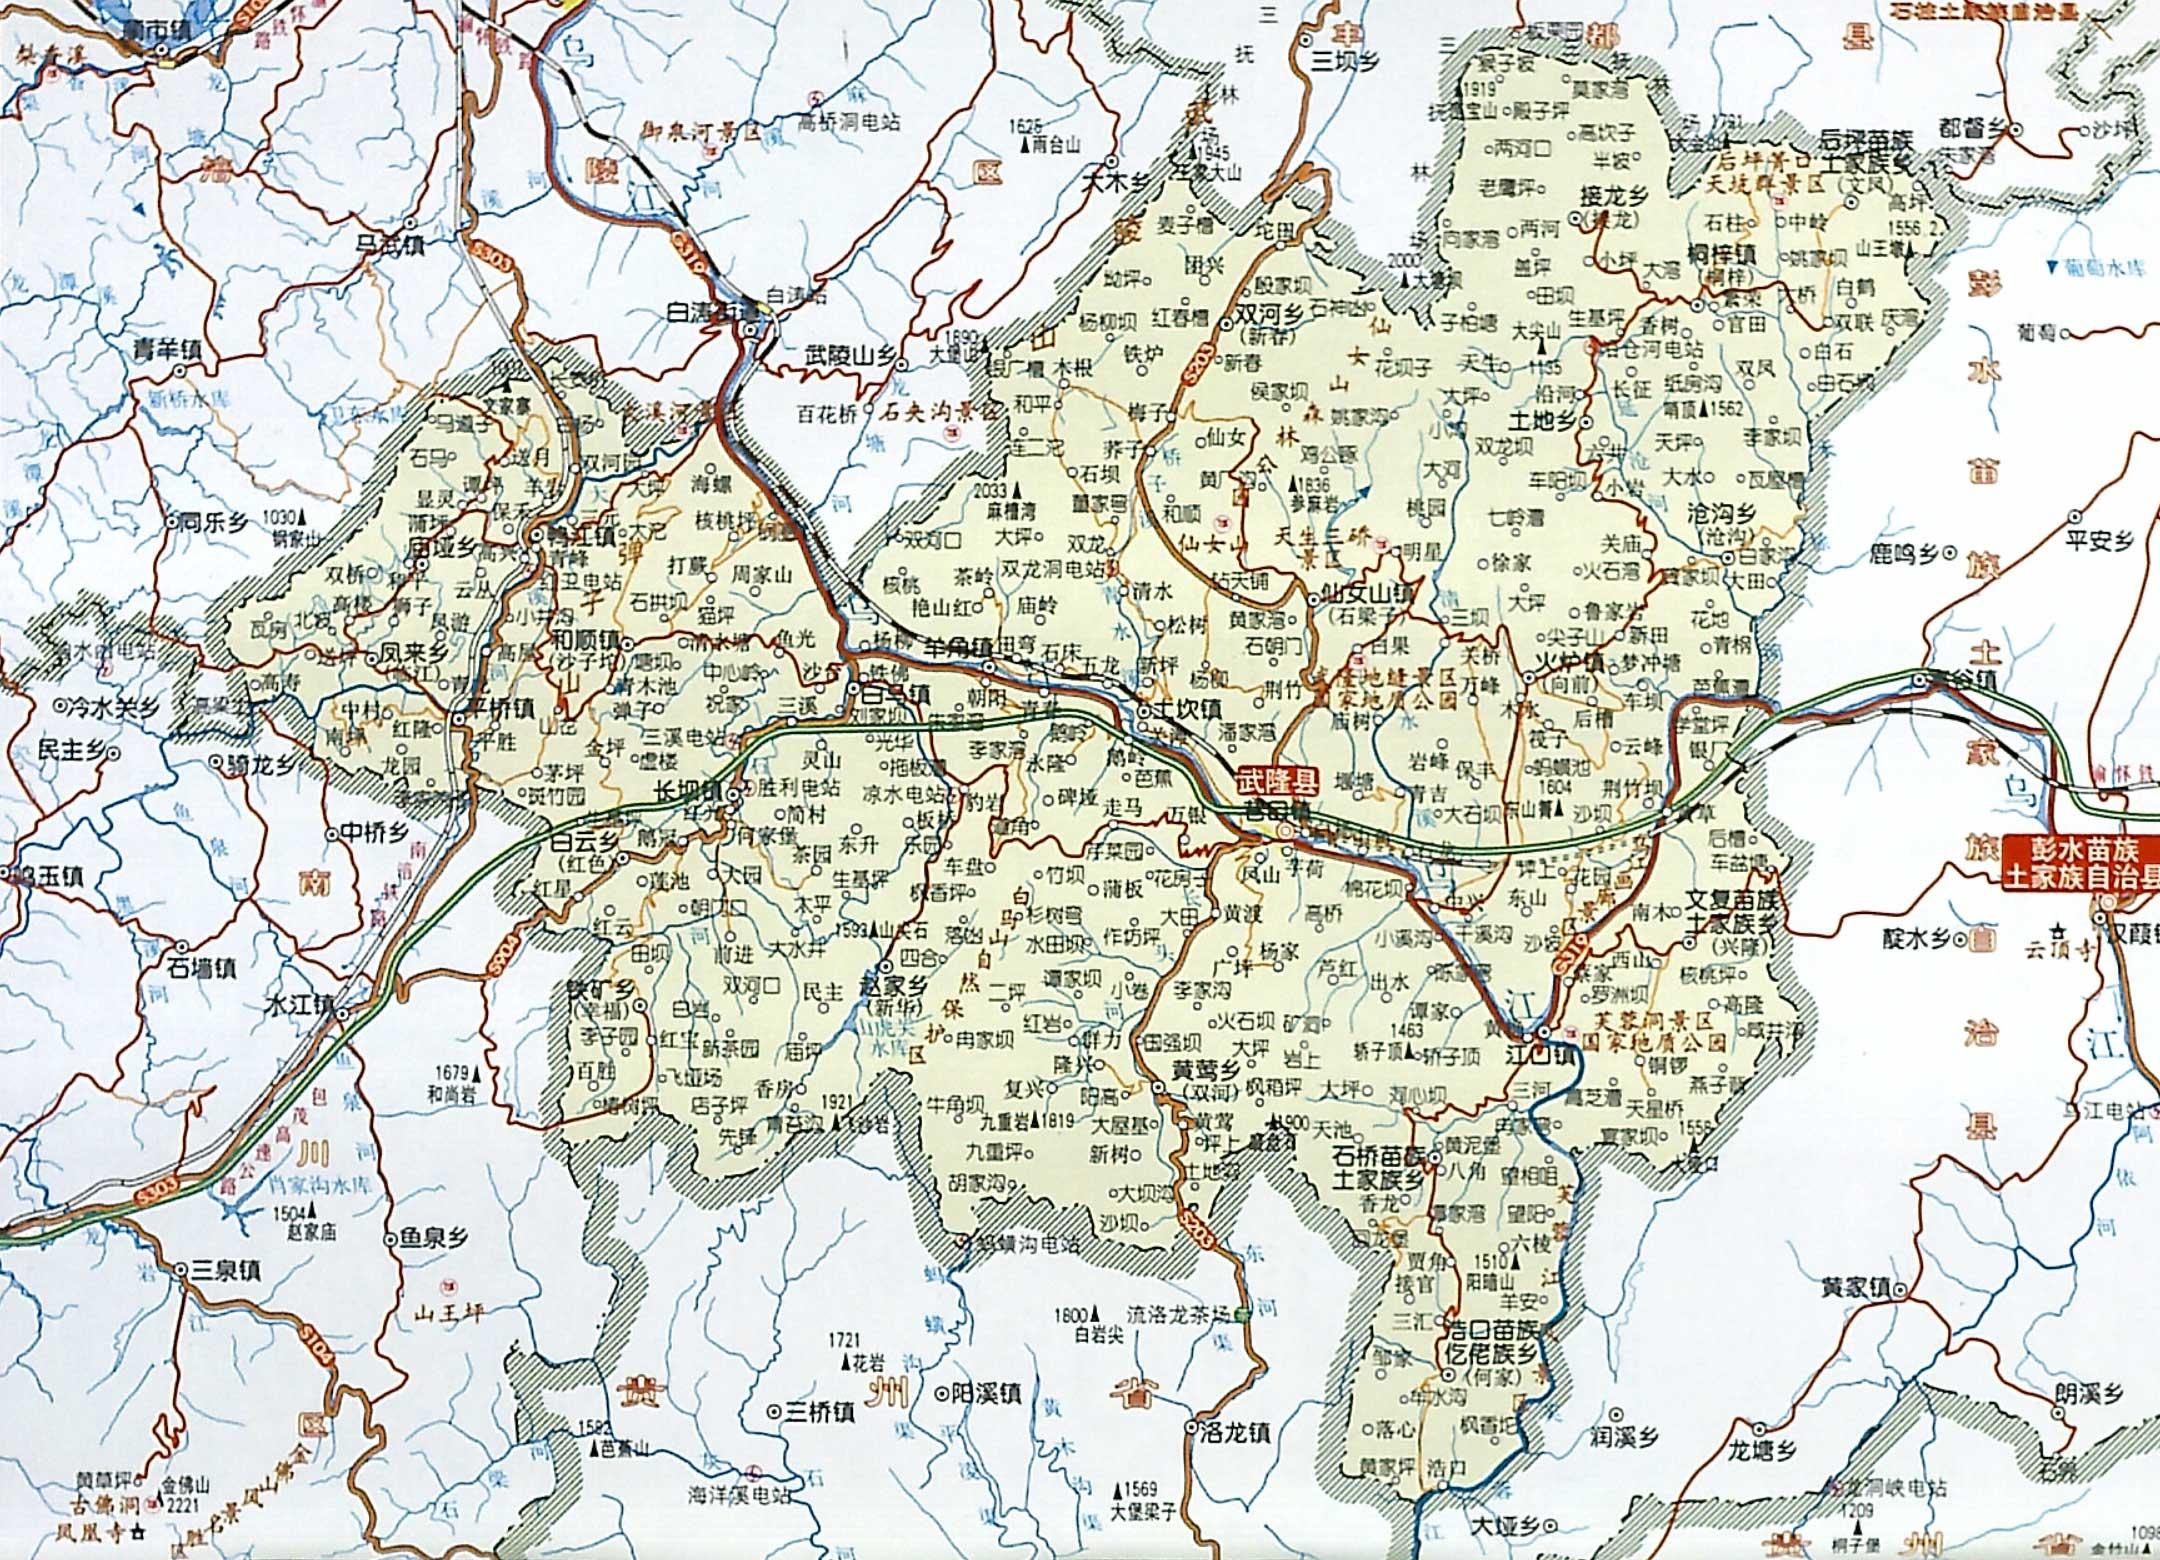 唐朝时期地图图片 唐朝地图高